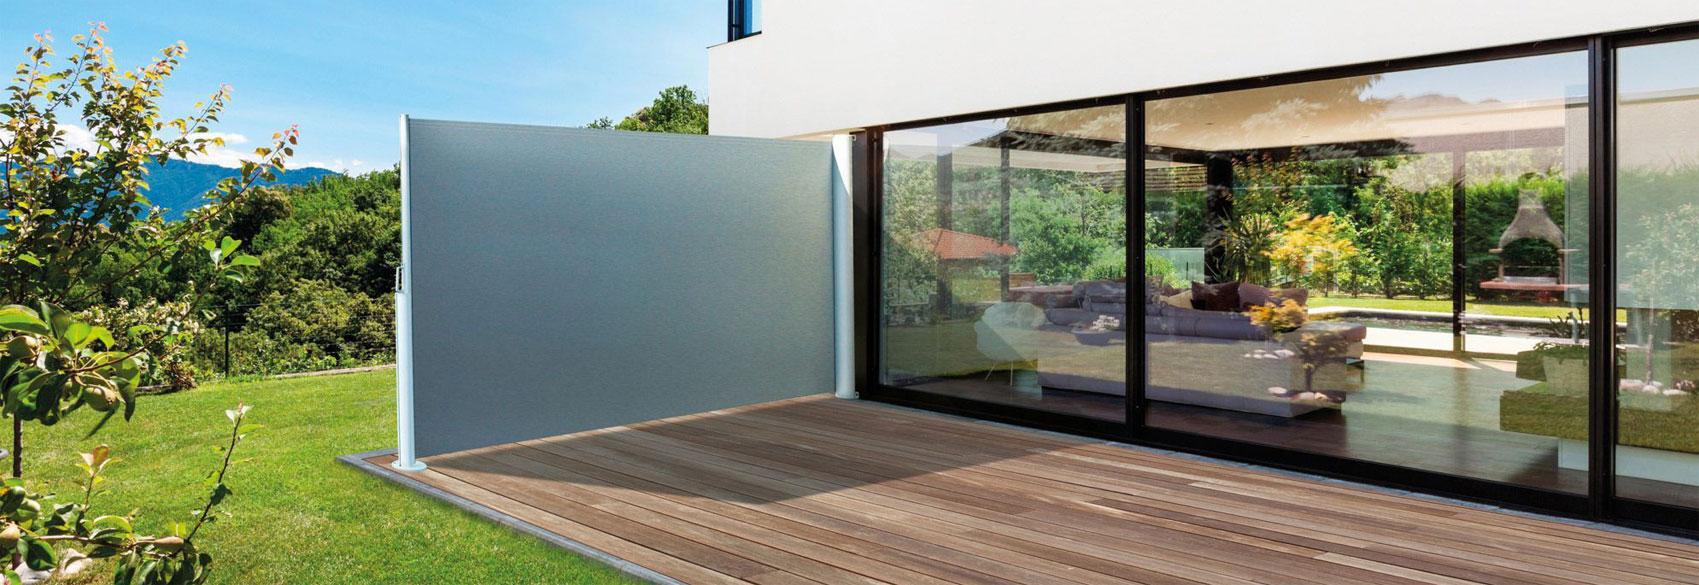 lambrequin store personnalis pas cher votre lambrequin seul sur mesure. Black Bedroom Furniture Sets. Home Design Ideas